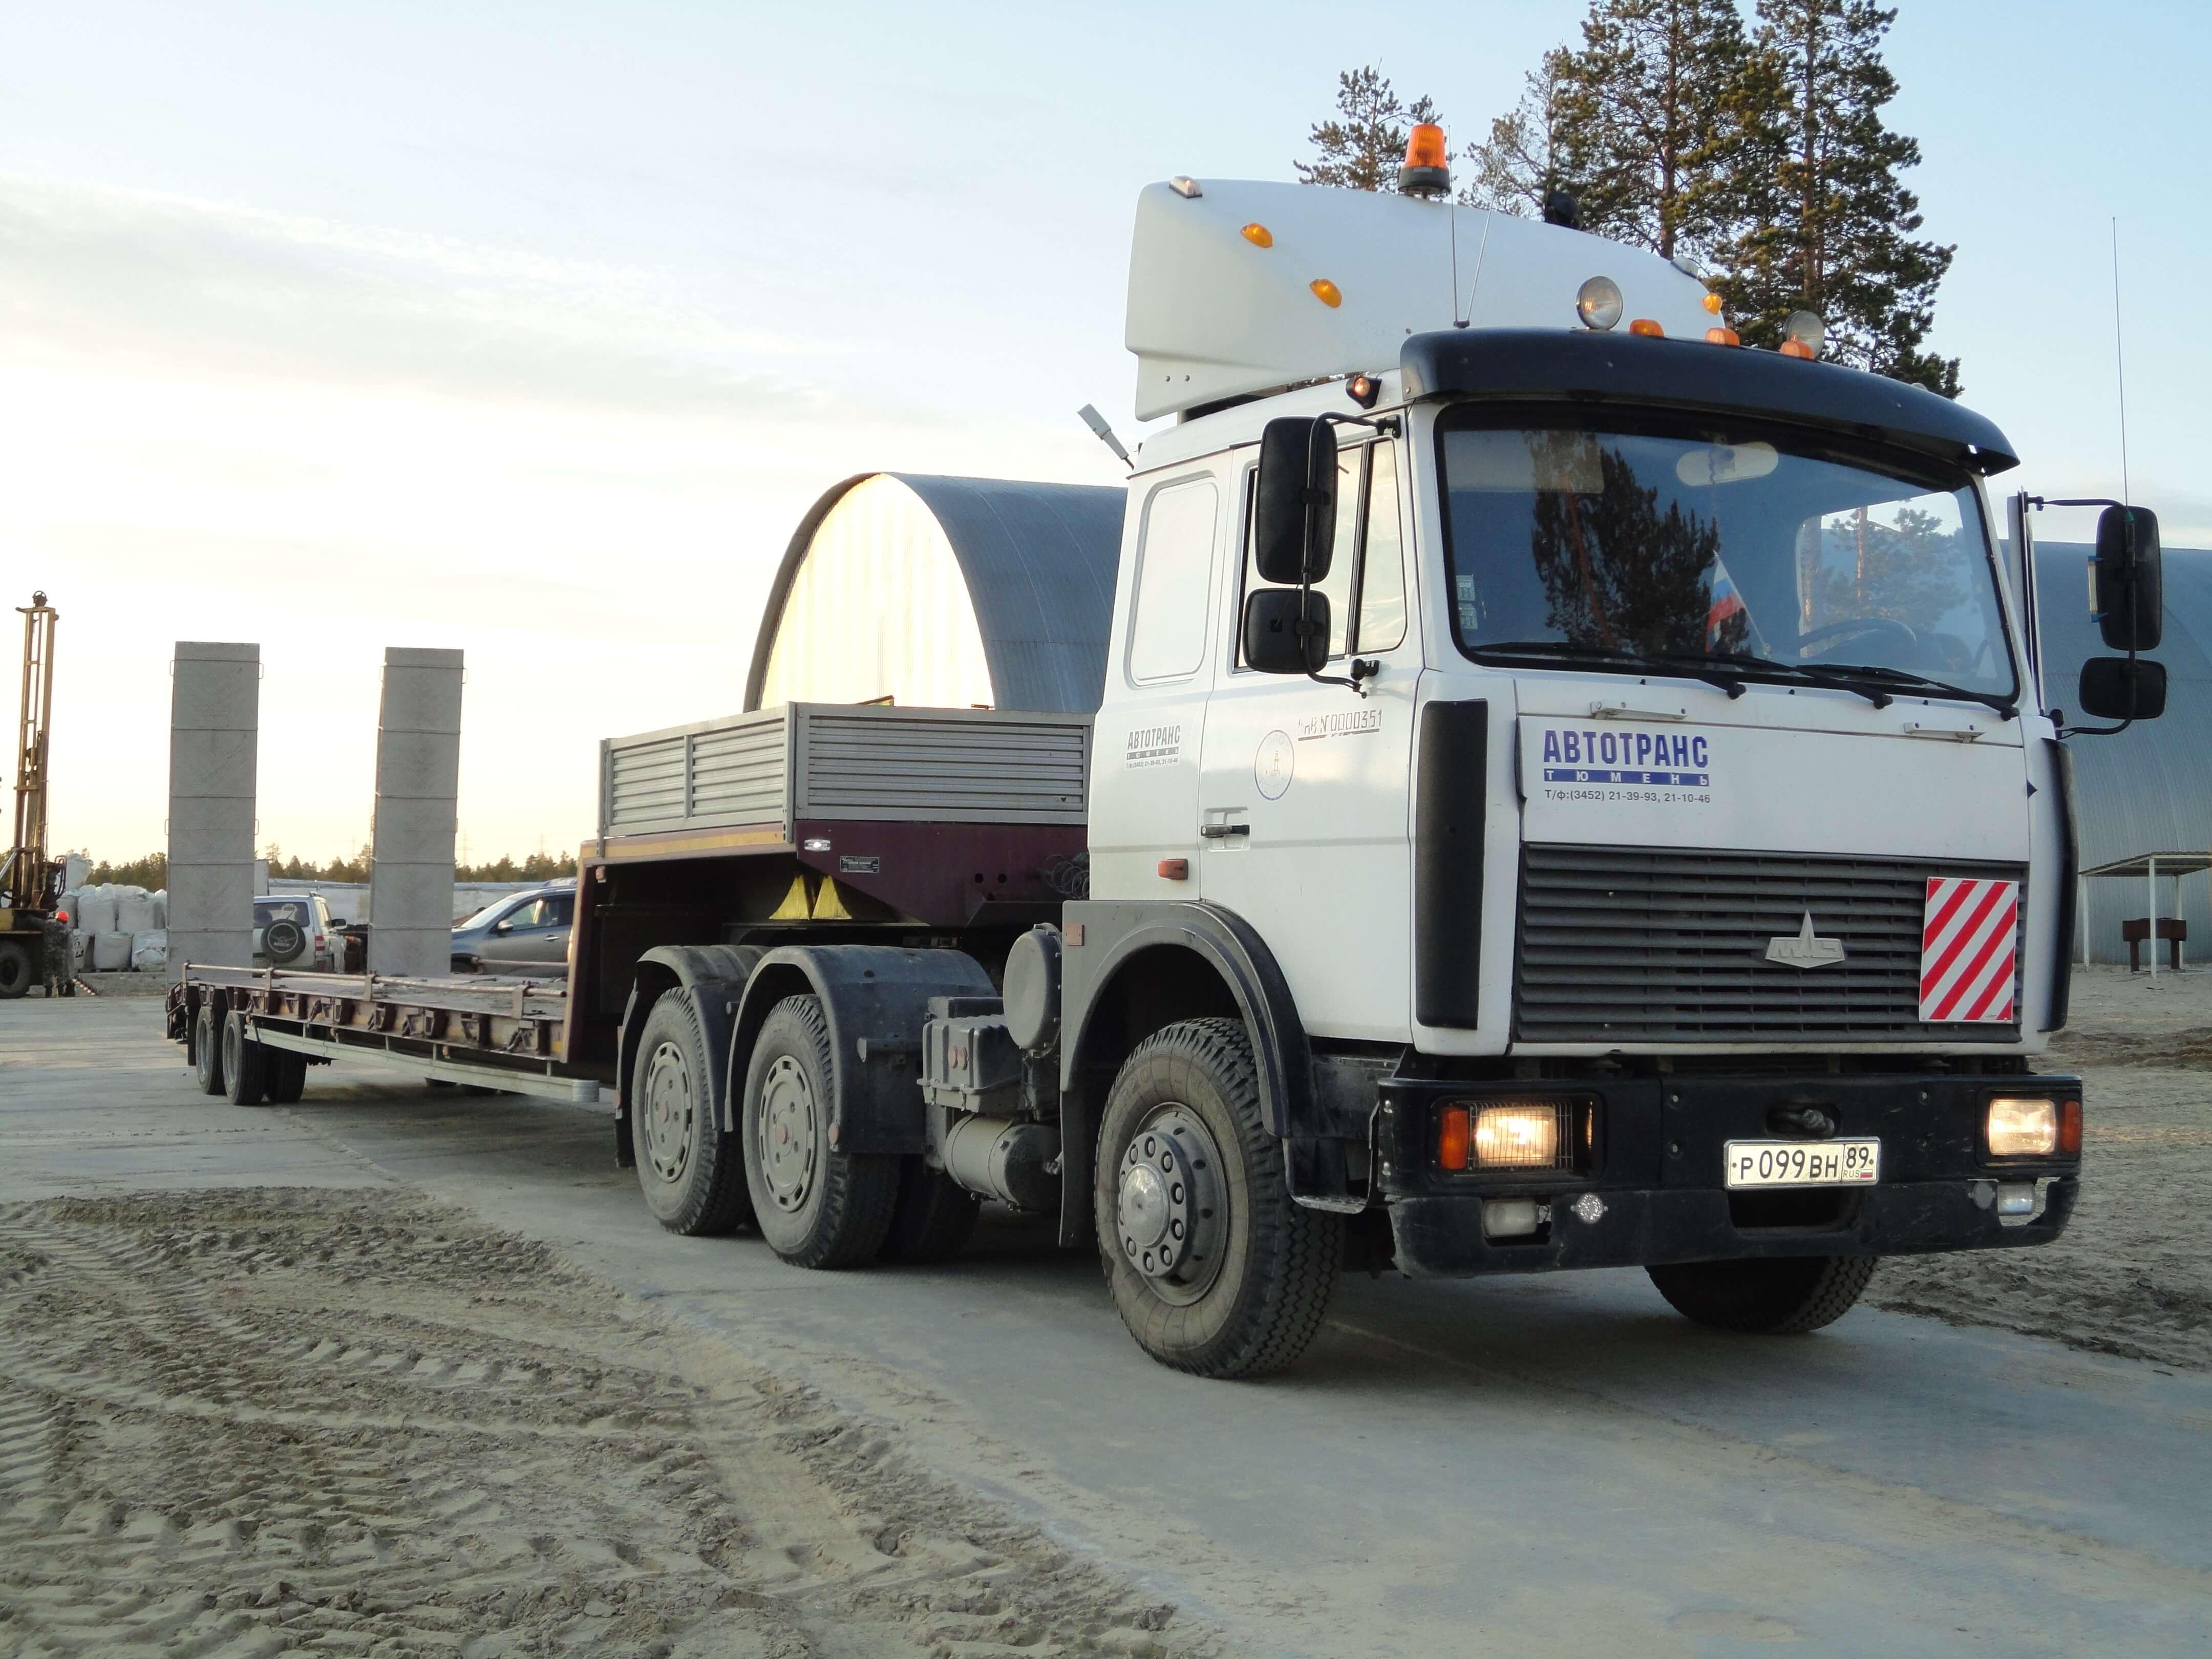 Автомобиль МАЗ 642205-020 (Седельный тягач)